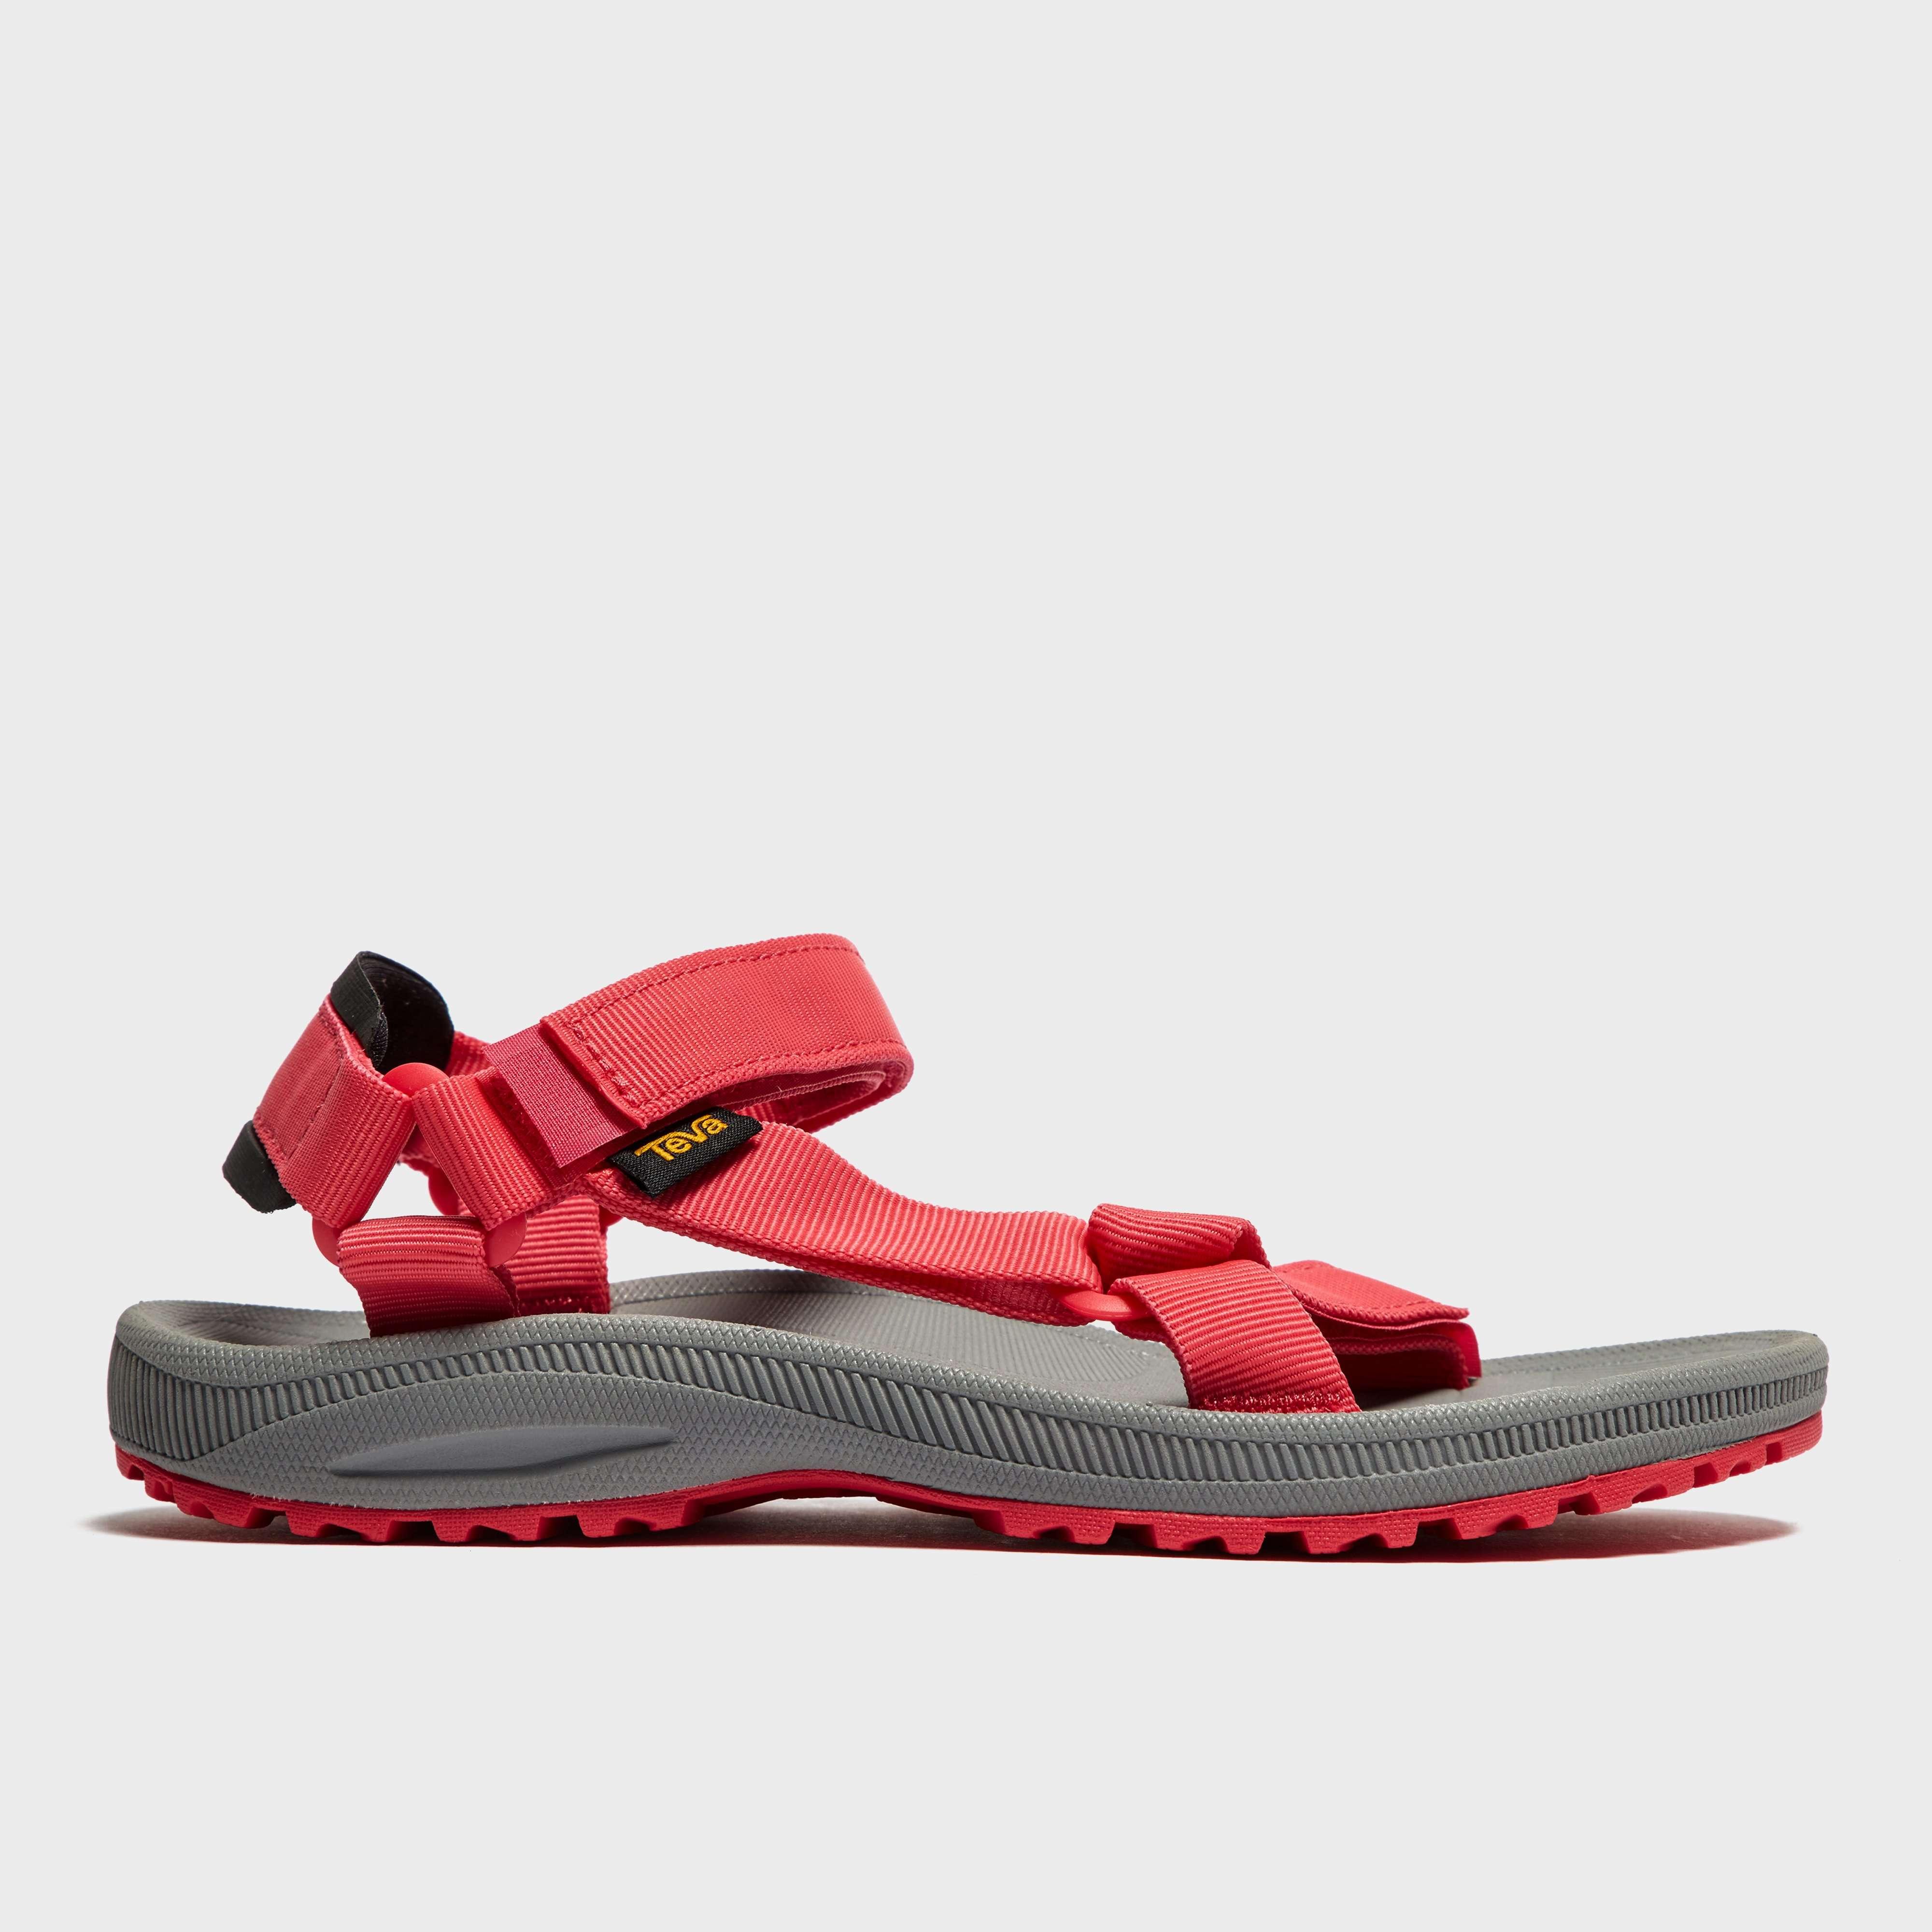 TEVA Women's Winsted Sandals